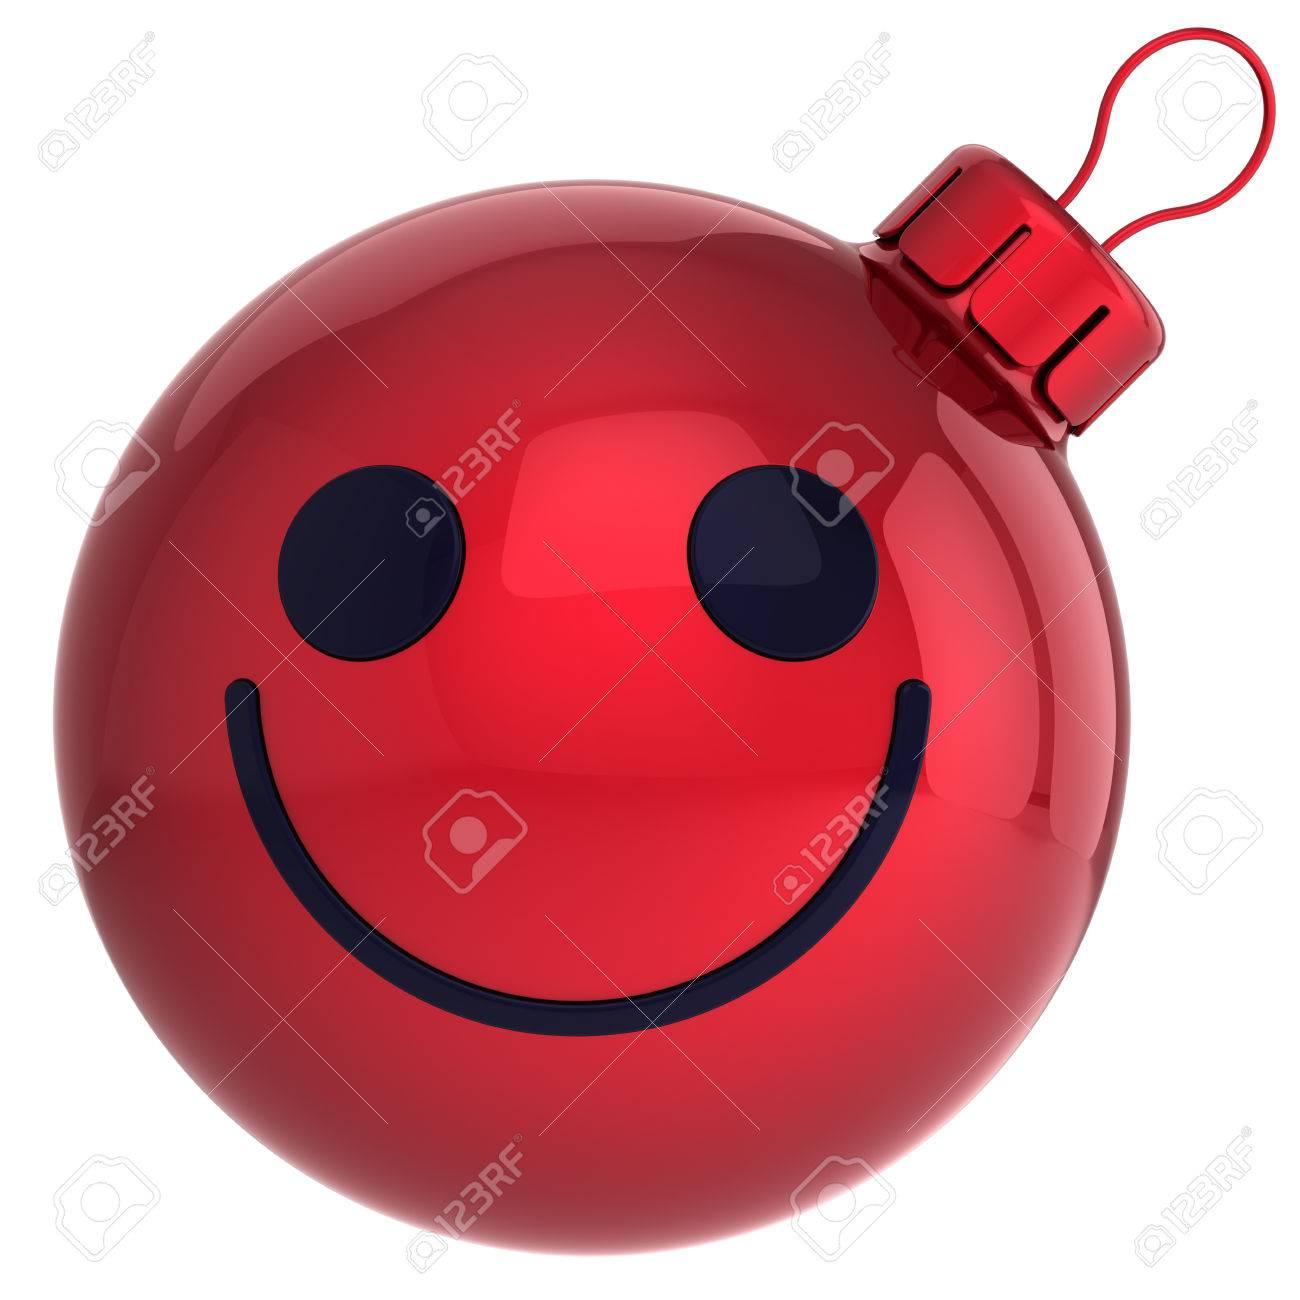 スマイル クリスマス ボール赤新年あけましておめでとうございます安ピカ笑顔顔笑顔装飾うれしそうな幸福面白いメリー クリスマス アバター冬季肯定的なアイコン の写真素材 画像素材 Image